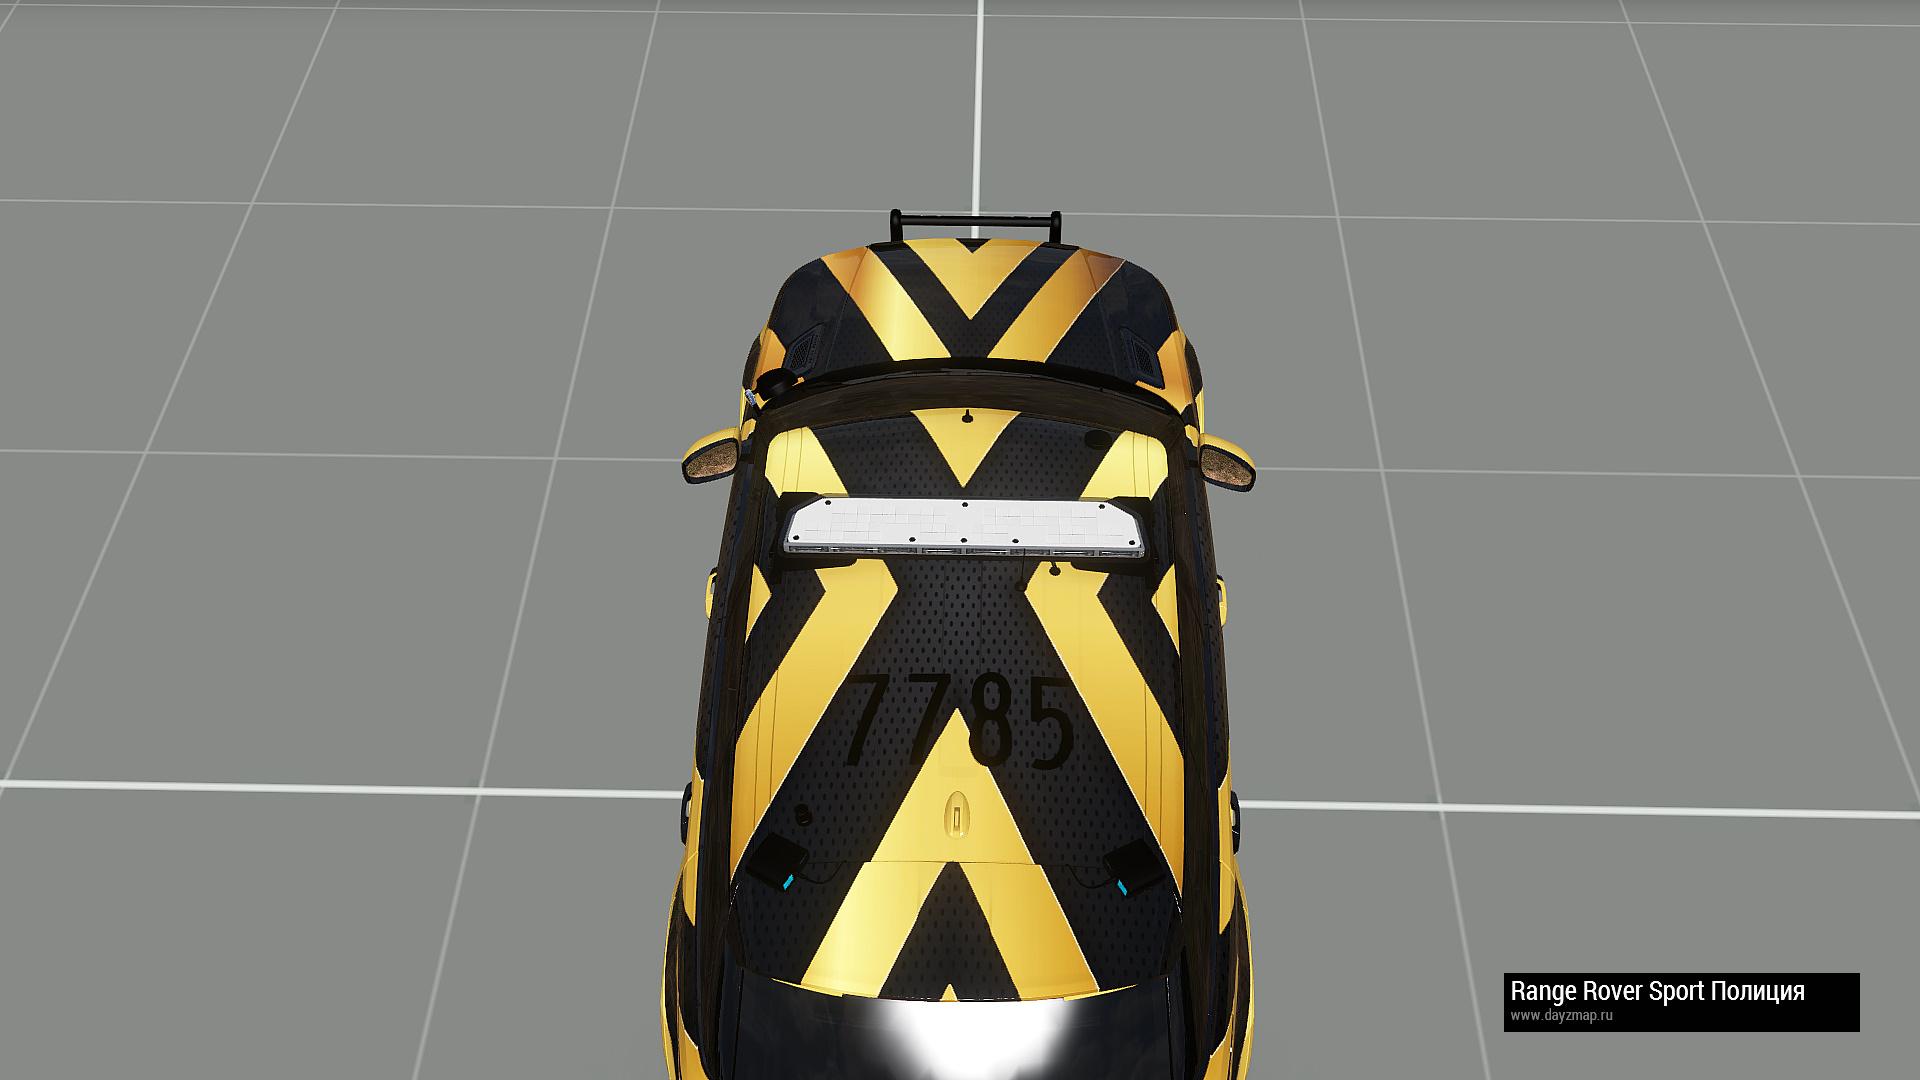 Arma3_x64 2020-09-11 14-58-55-319.jpg